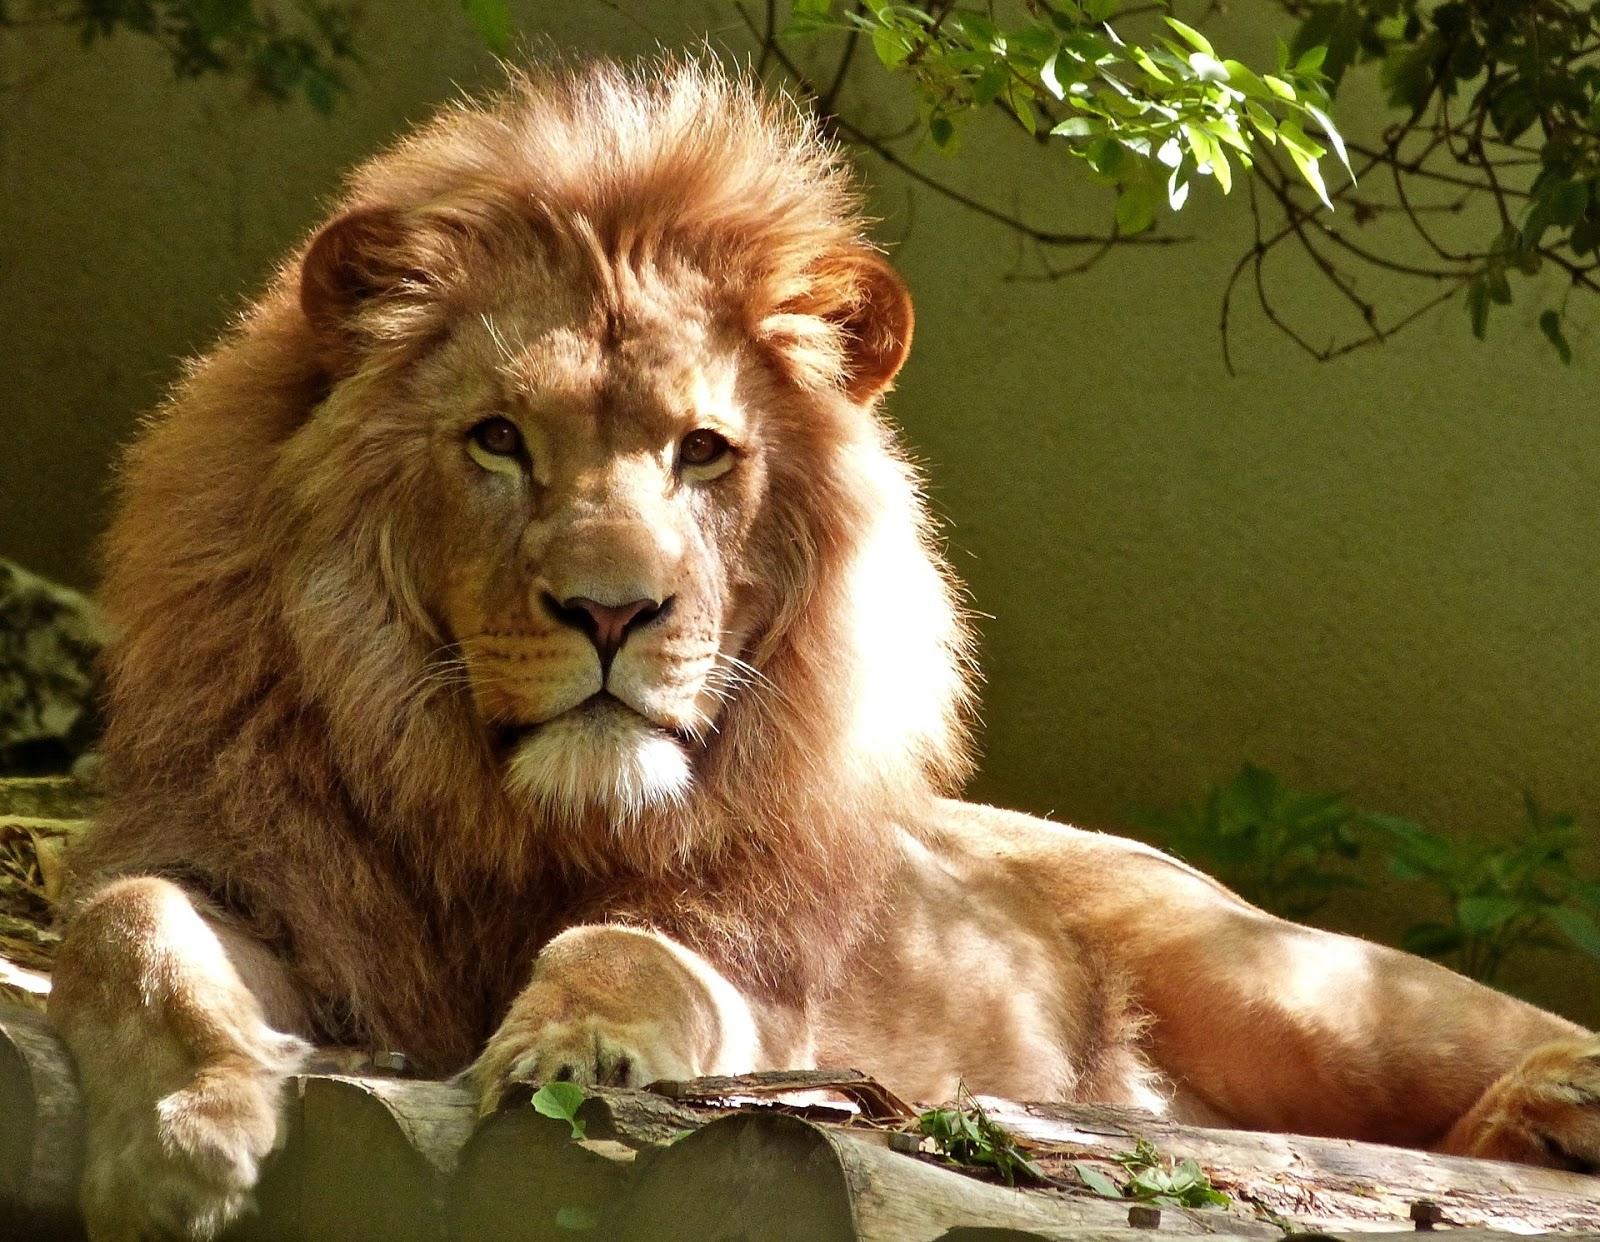 close-up-portrait-of-lion,lion images